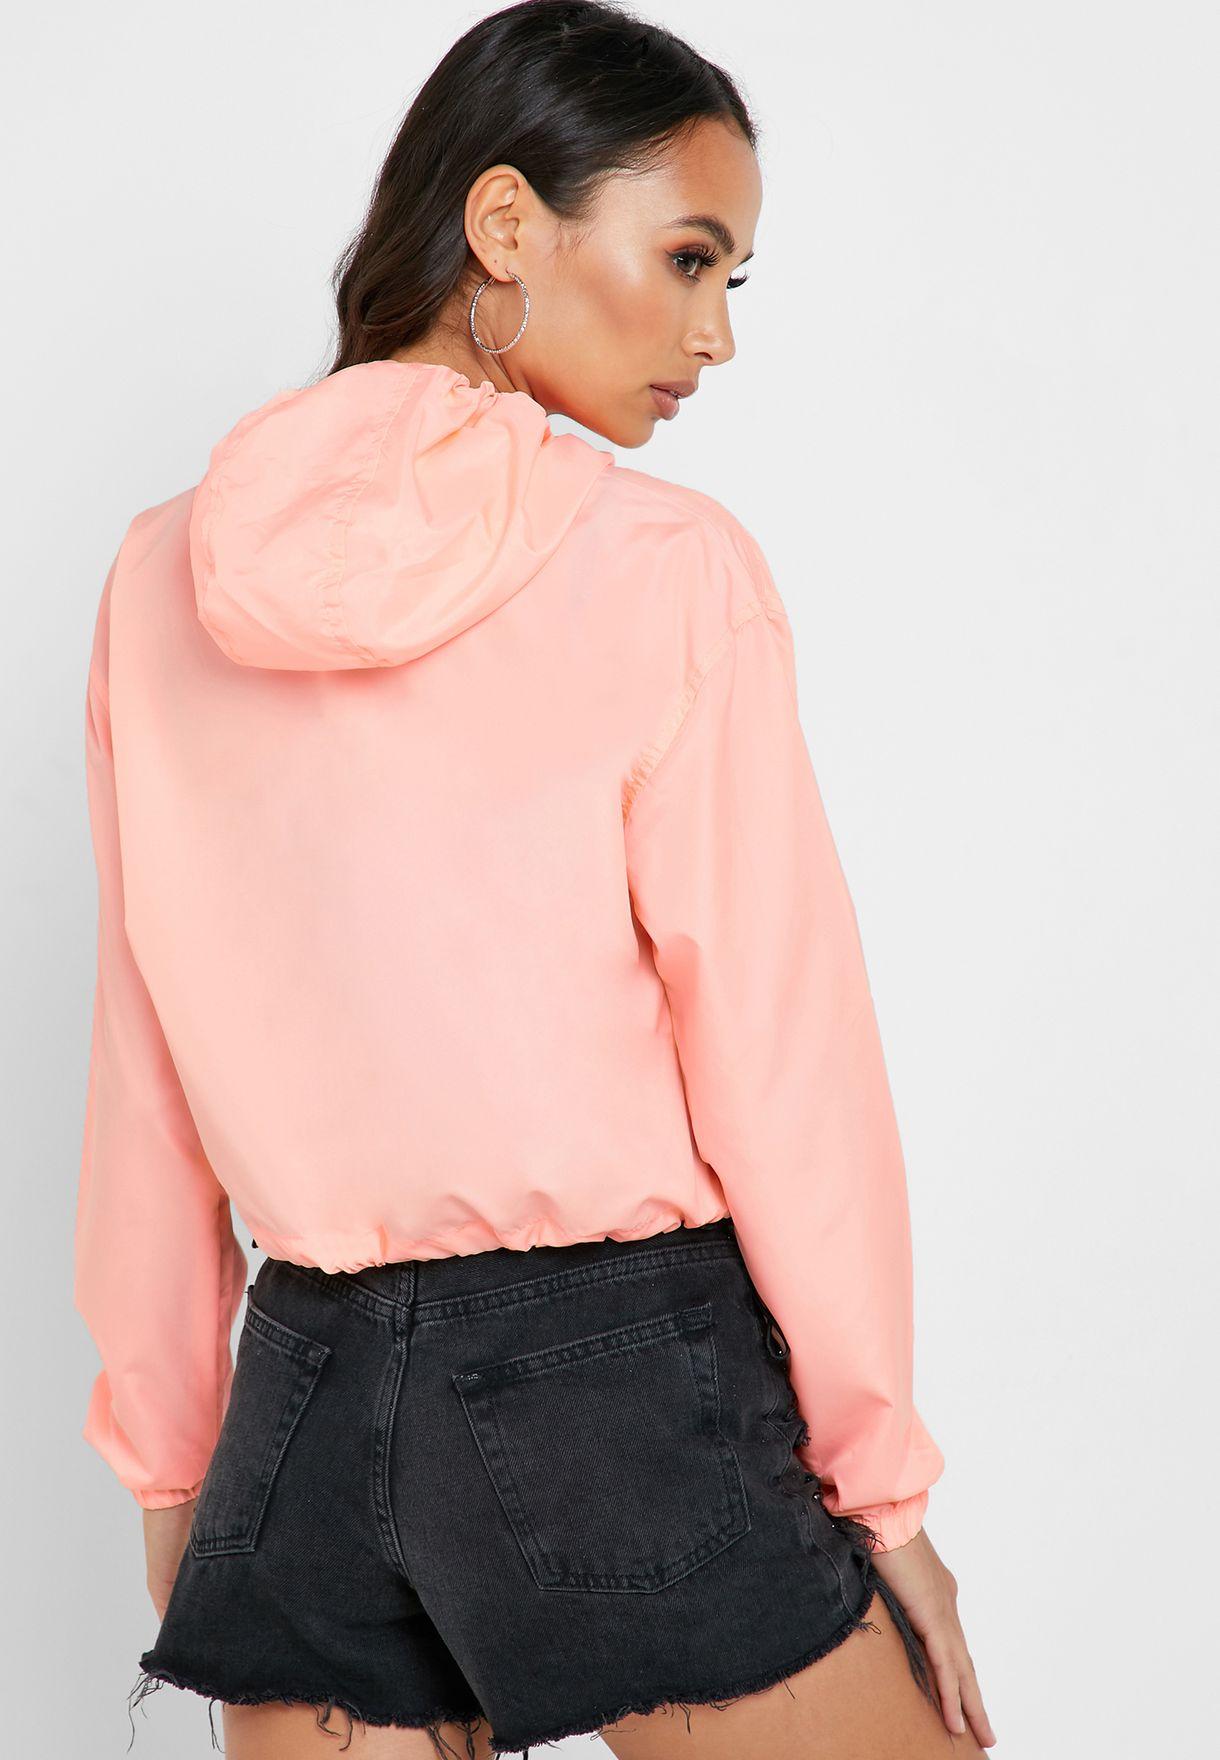 Contrast Neon Showerproof Jacket